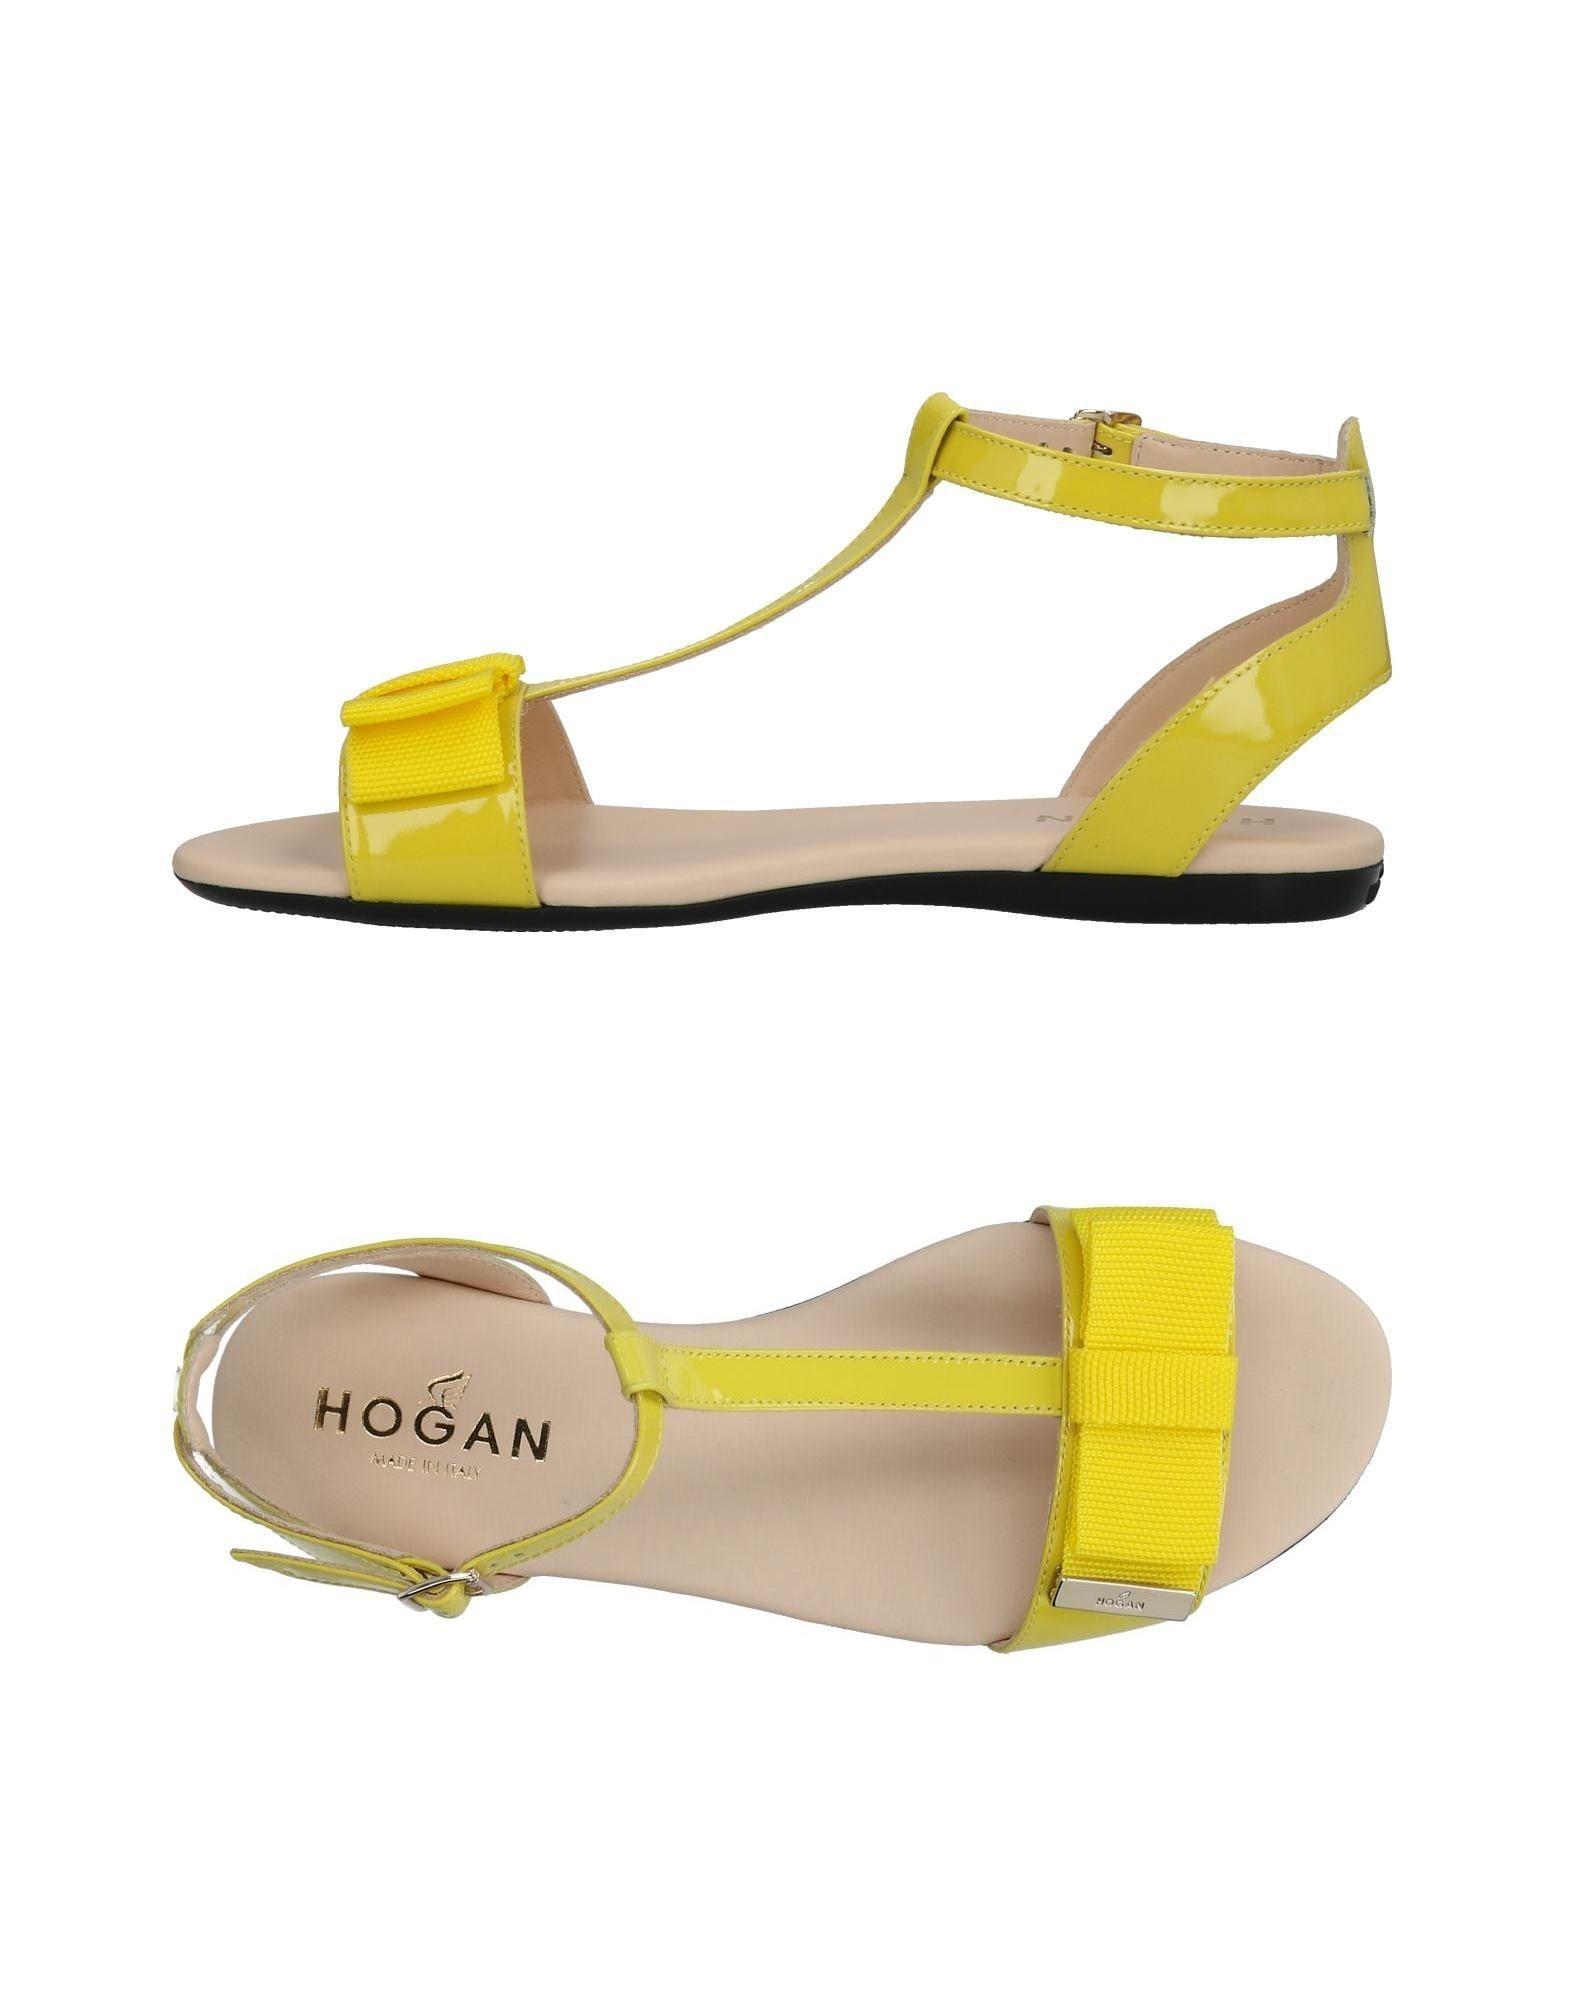 Moda Sandali Hogan Donna Donna Hogan - 11435301KB 27a727